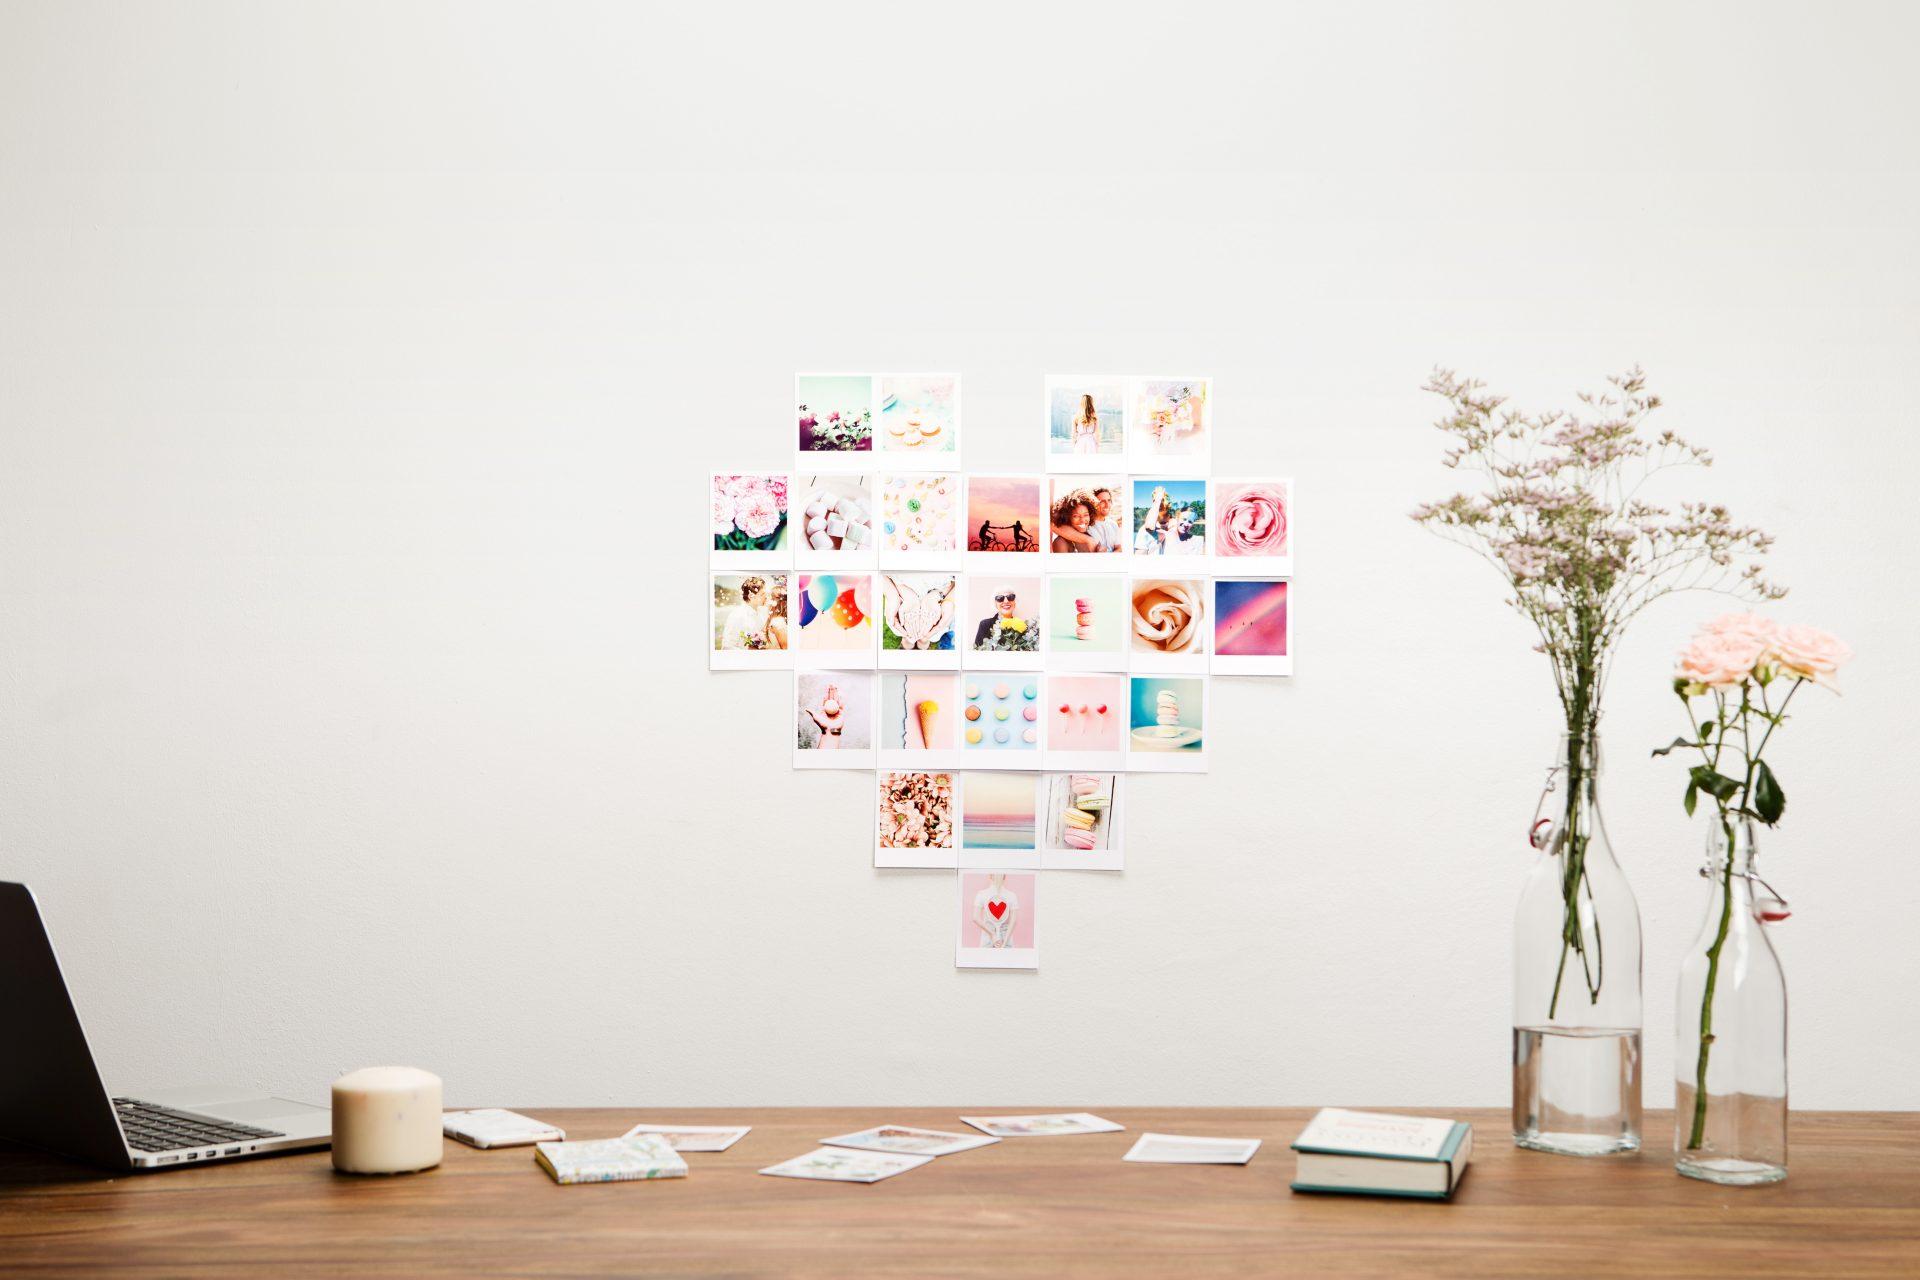 Mur de photos façon rétro à la forme d'un coeur